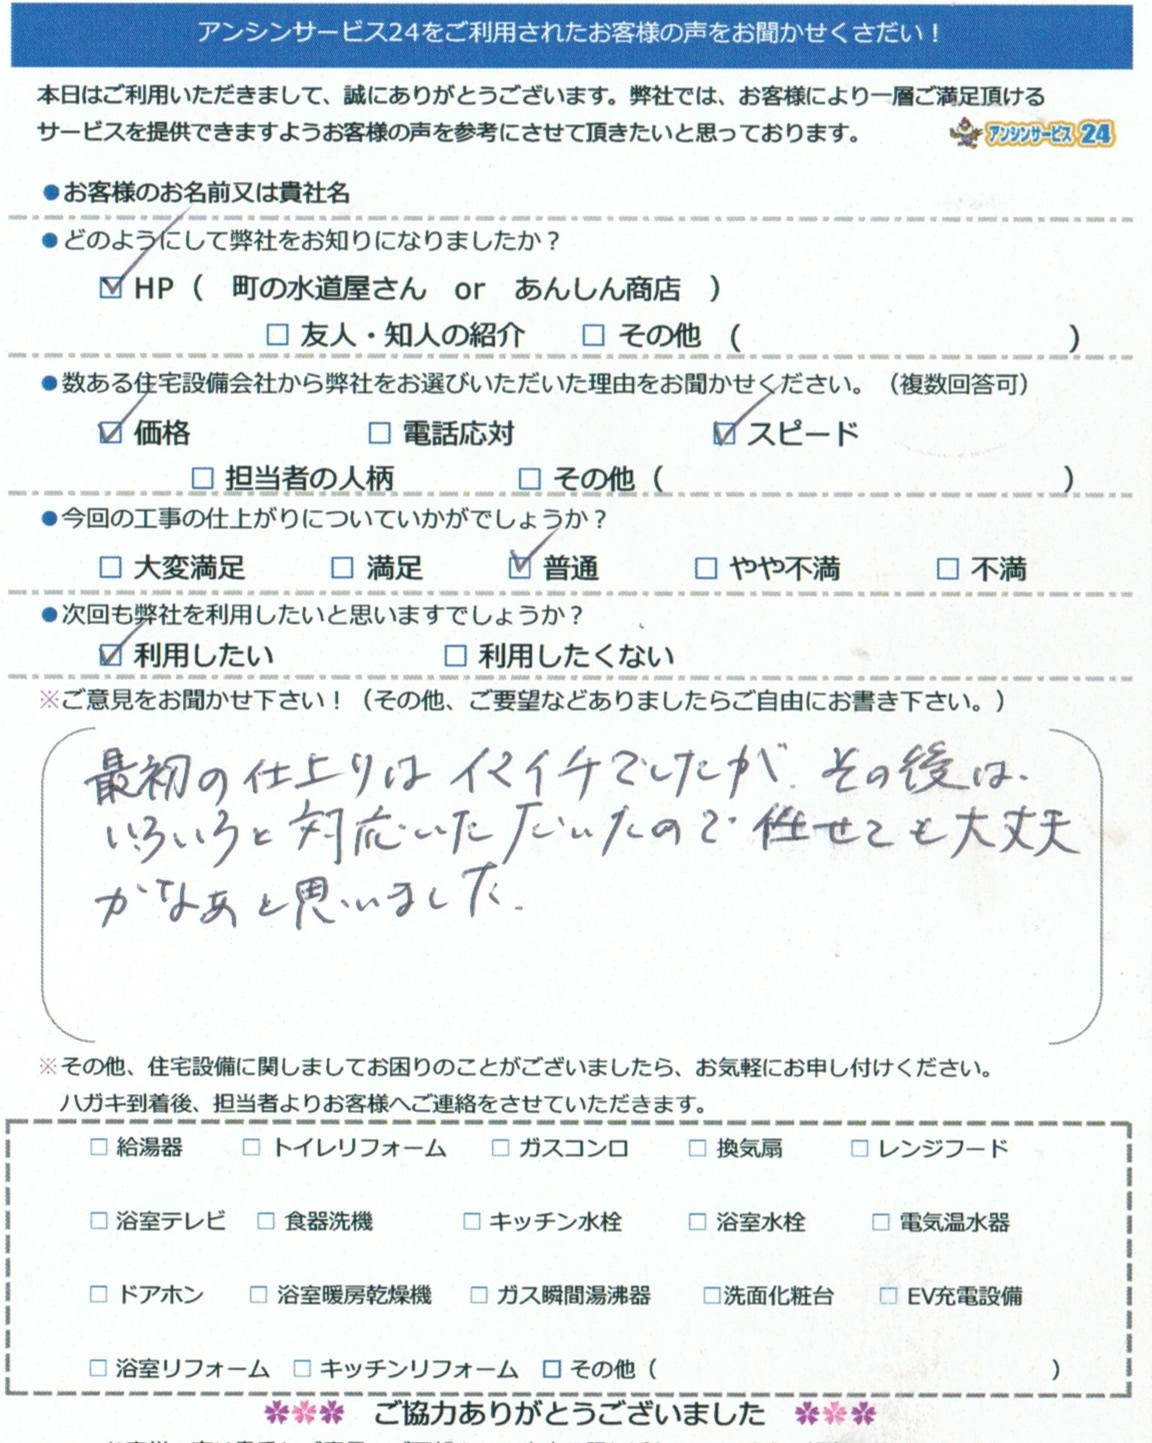 【ハガキ】名古屋市守山区トイレ洗面器交換工事お客様の声【アンシンサービス24】